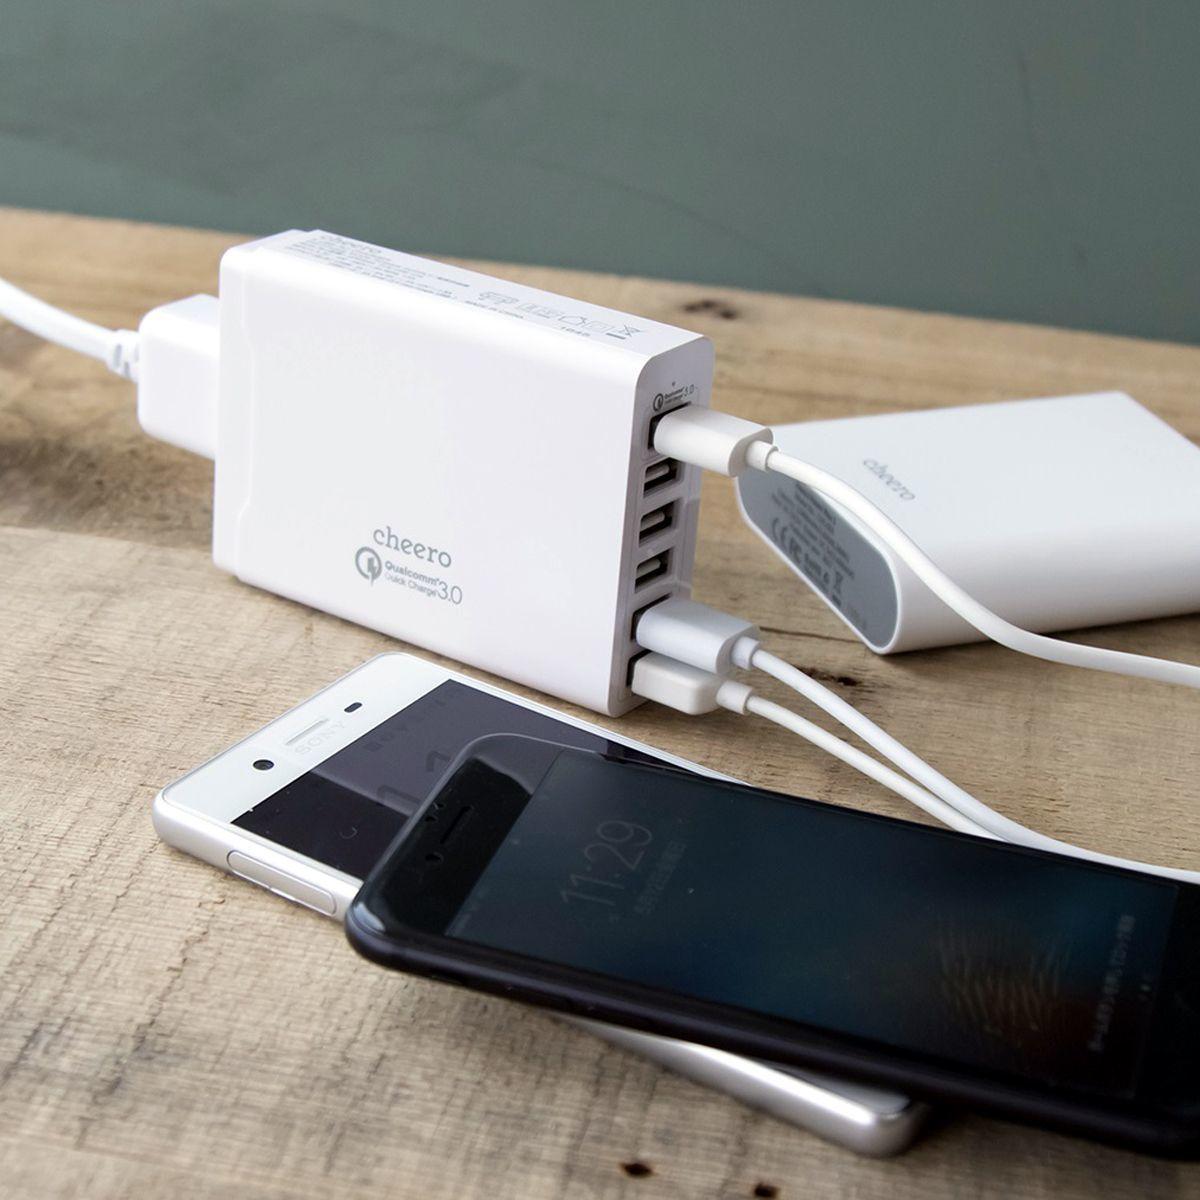 6ポート出力のQC3.0対応急速充電ACアダプター「cheero 6 USB AC Charger」